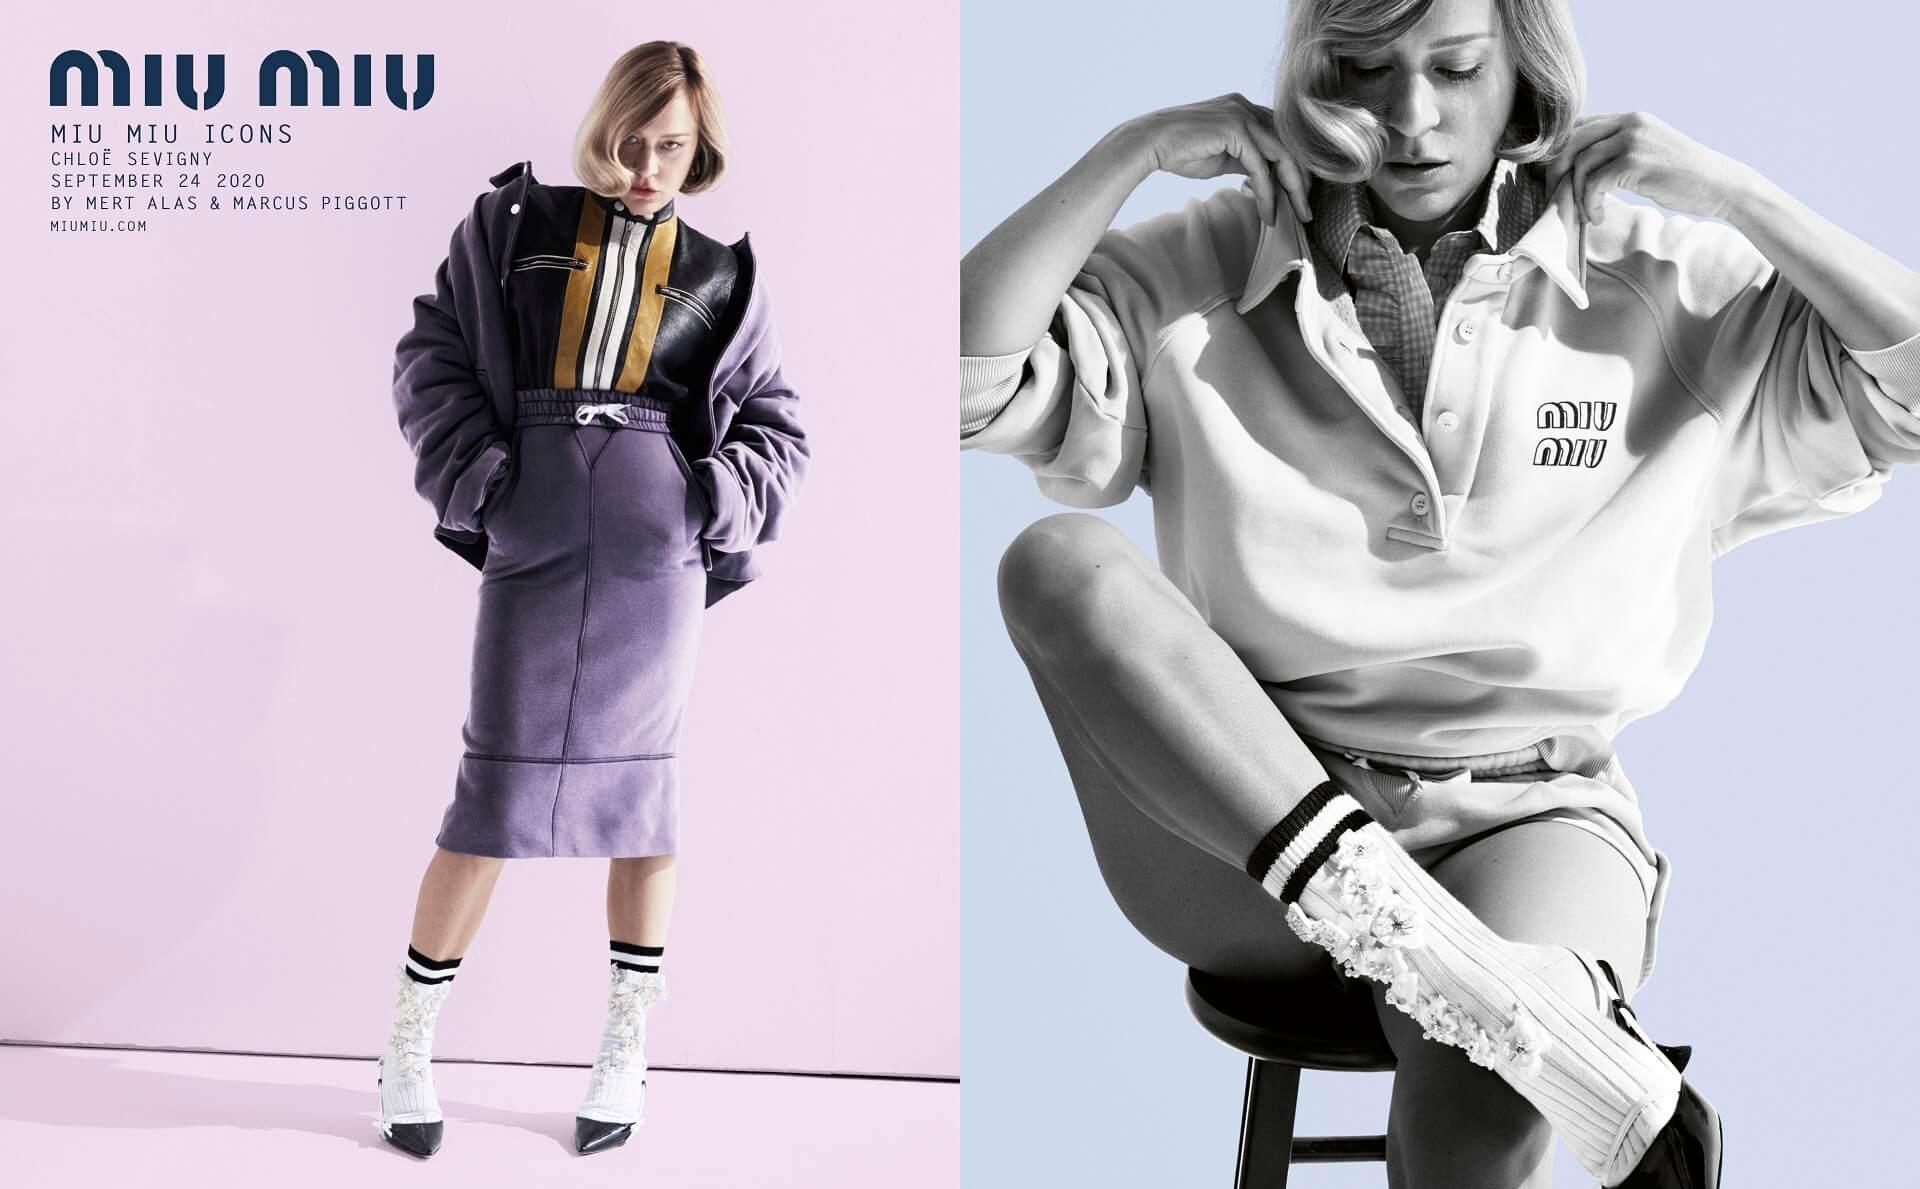 Эмма Коррин, Ким Бейсингер и Хлоя Севиньи снялись для «иконической» кампании Miu Miu-Фото 1